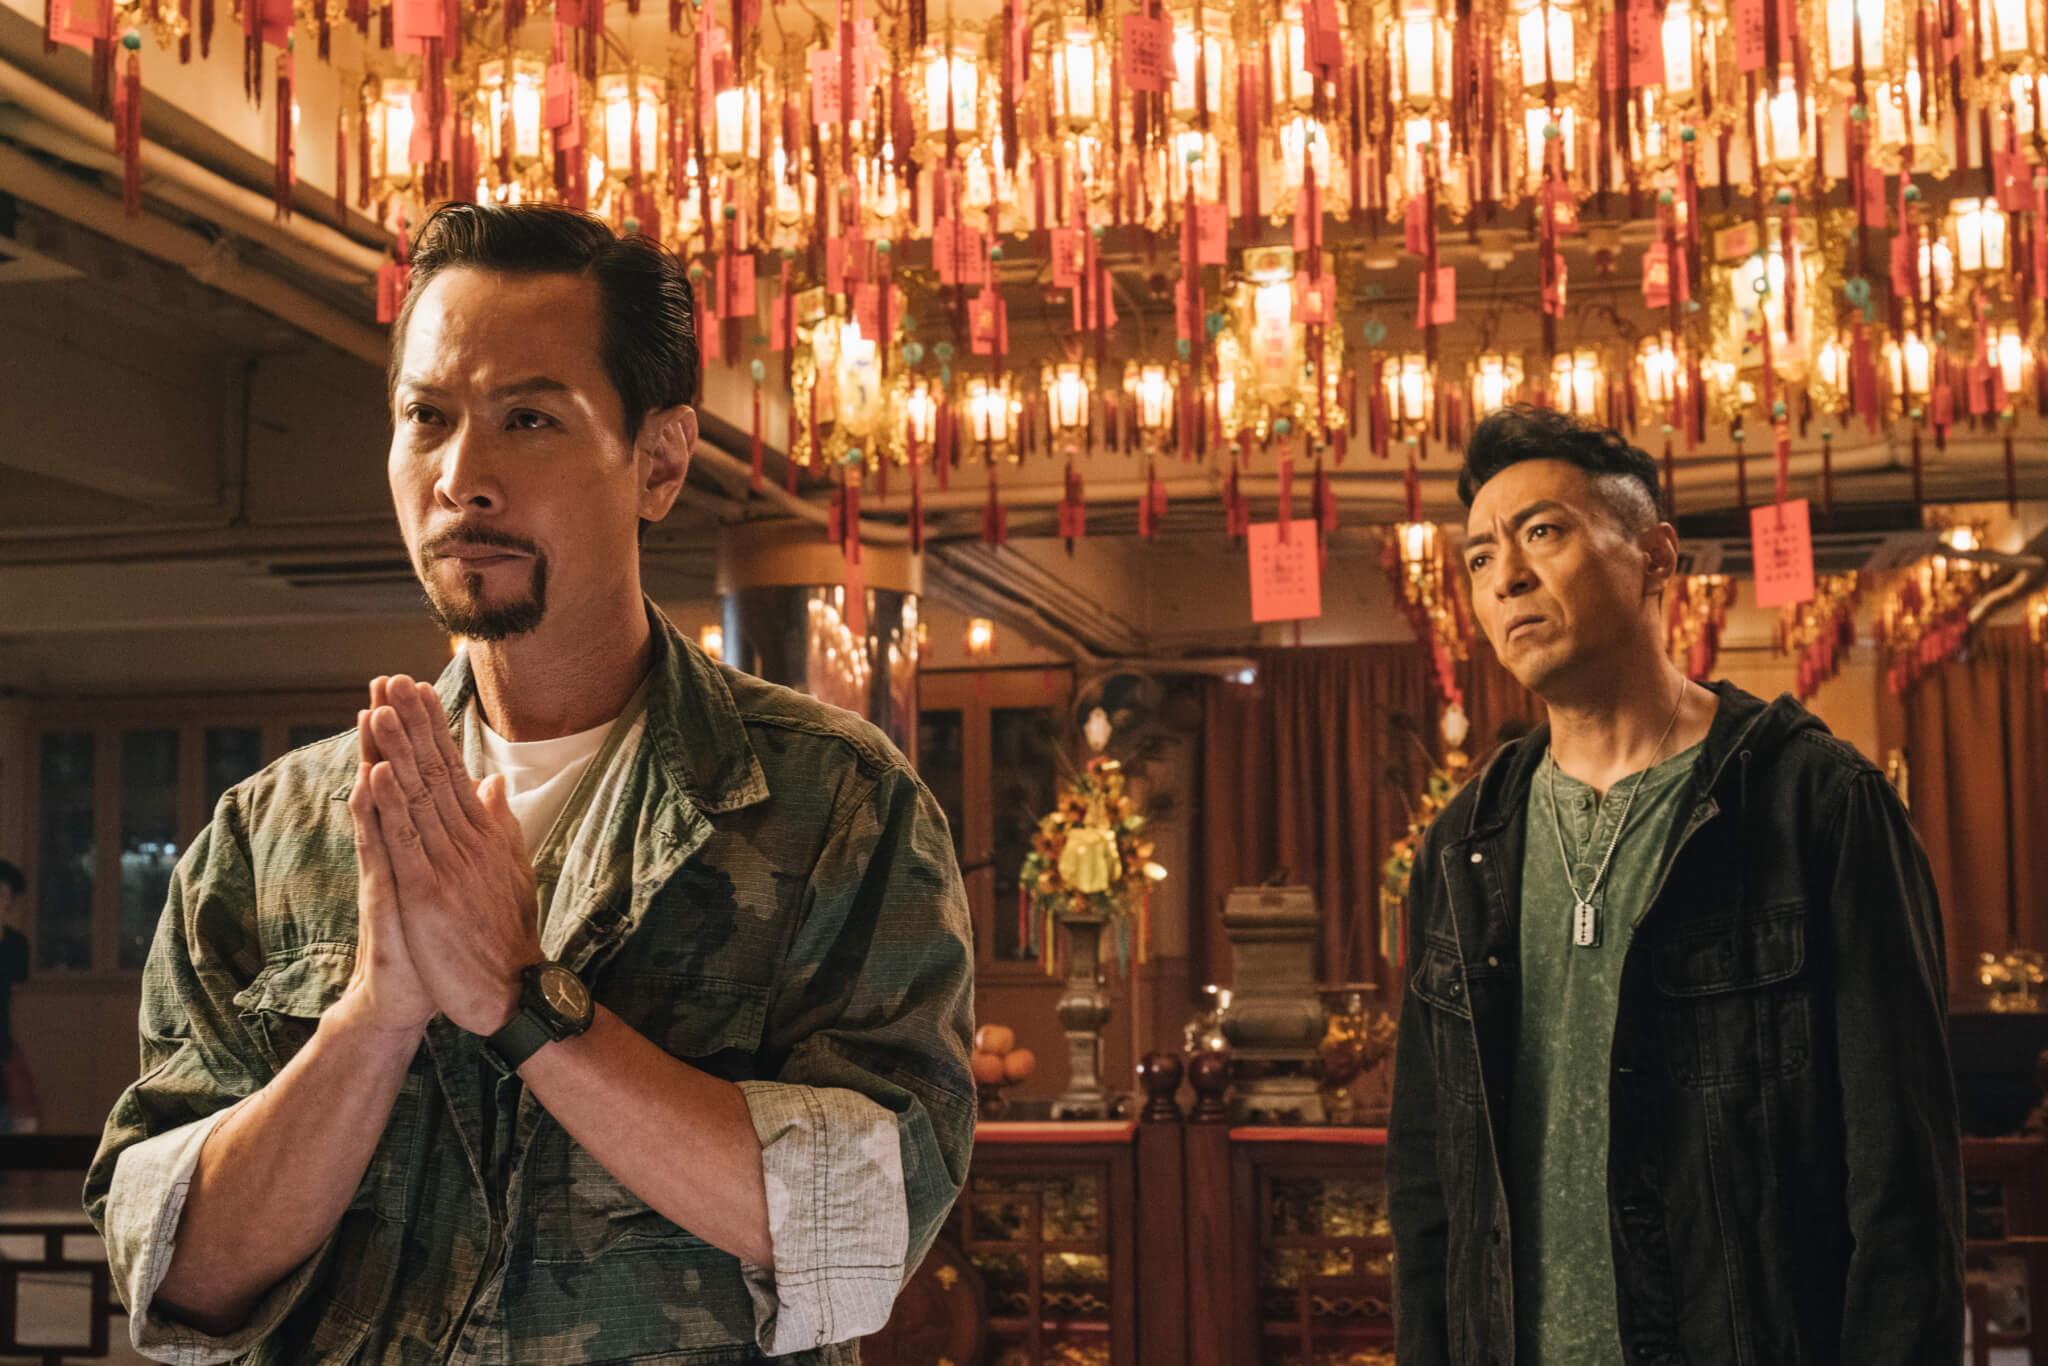 吳廷燁與姜浩文由亞視起已相識,故合作起來相當有火花。